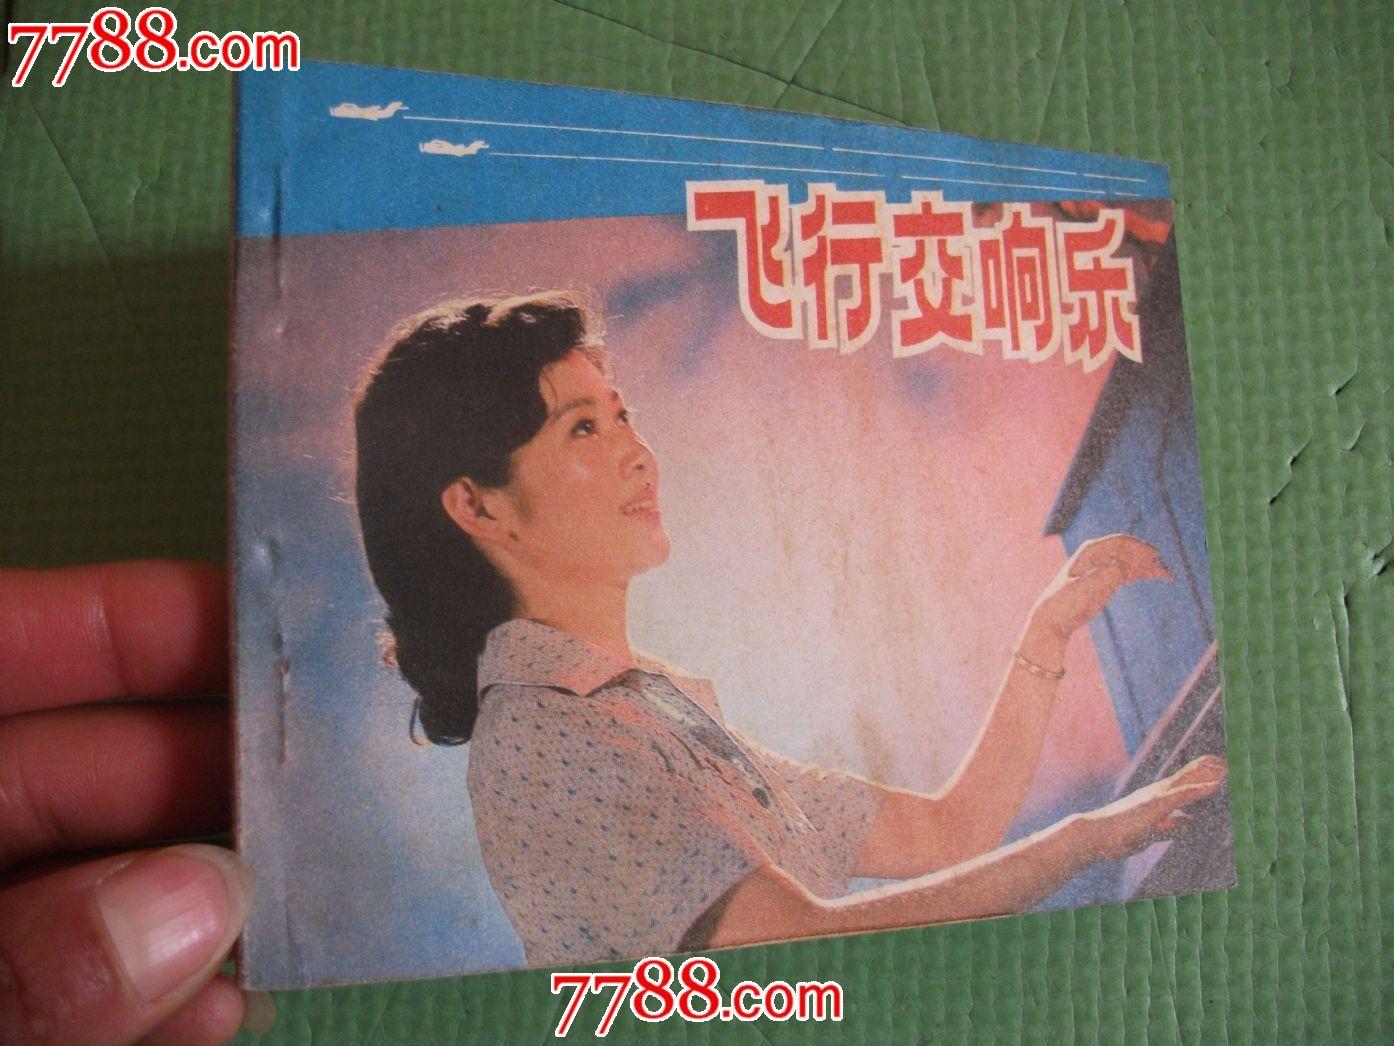 飞行交响曲_电影连环画册【飞行交响曲】1982年北京一版一印,未阅